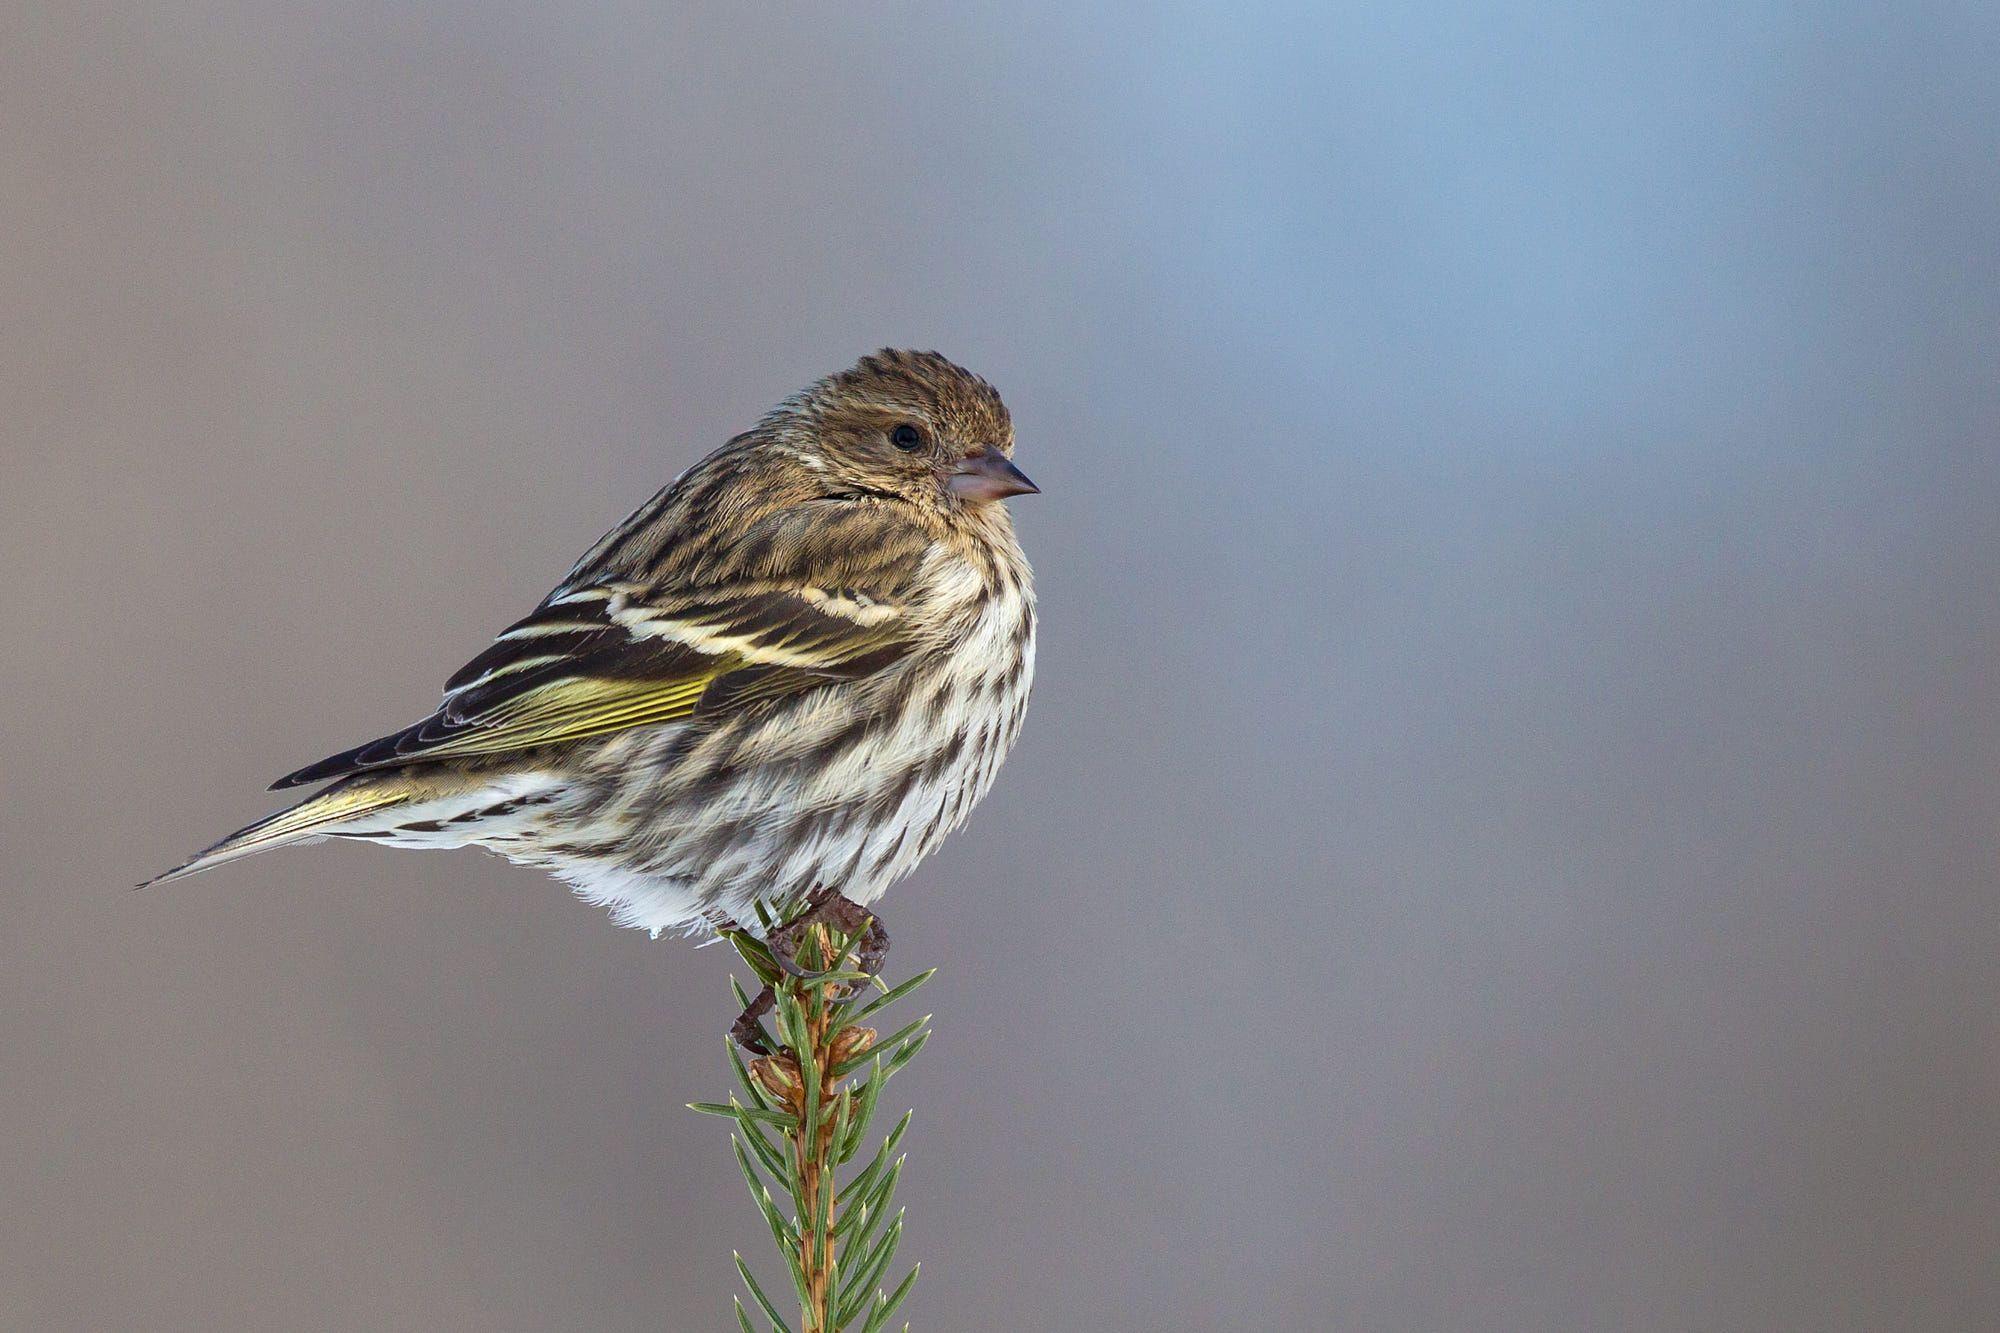 عصفور سسكن الصنوبر نسخة السسكن الاوراسي الامريكية موضوع شامل طيور العرب Animals Bird